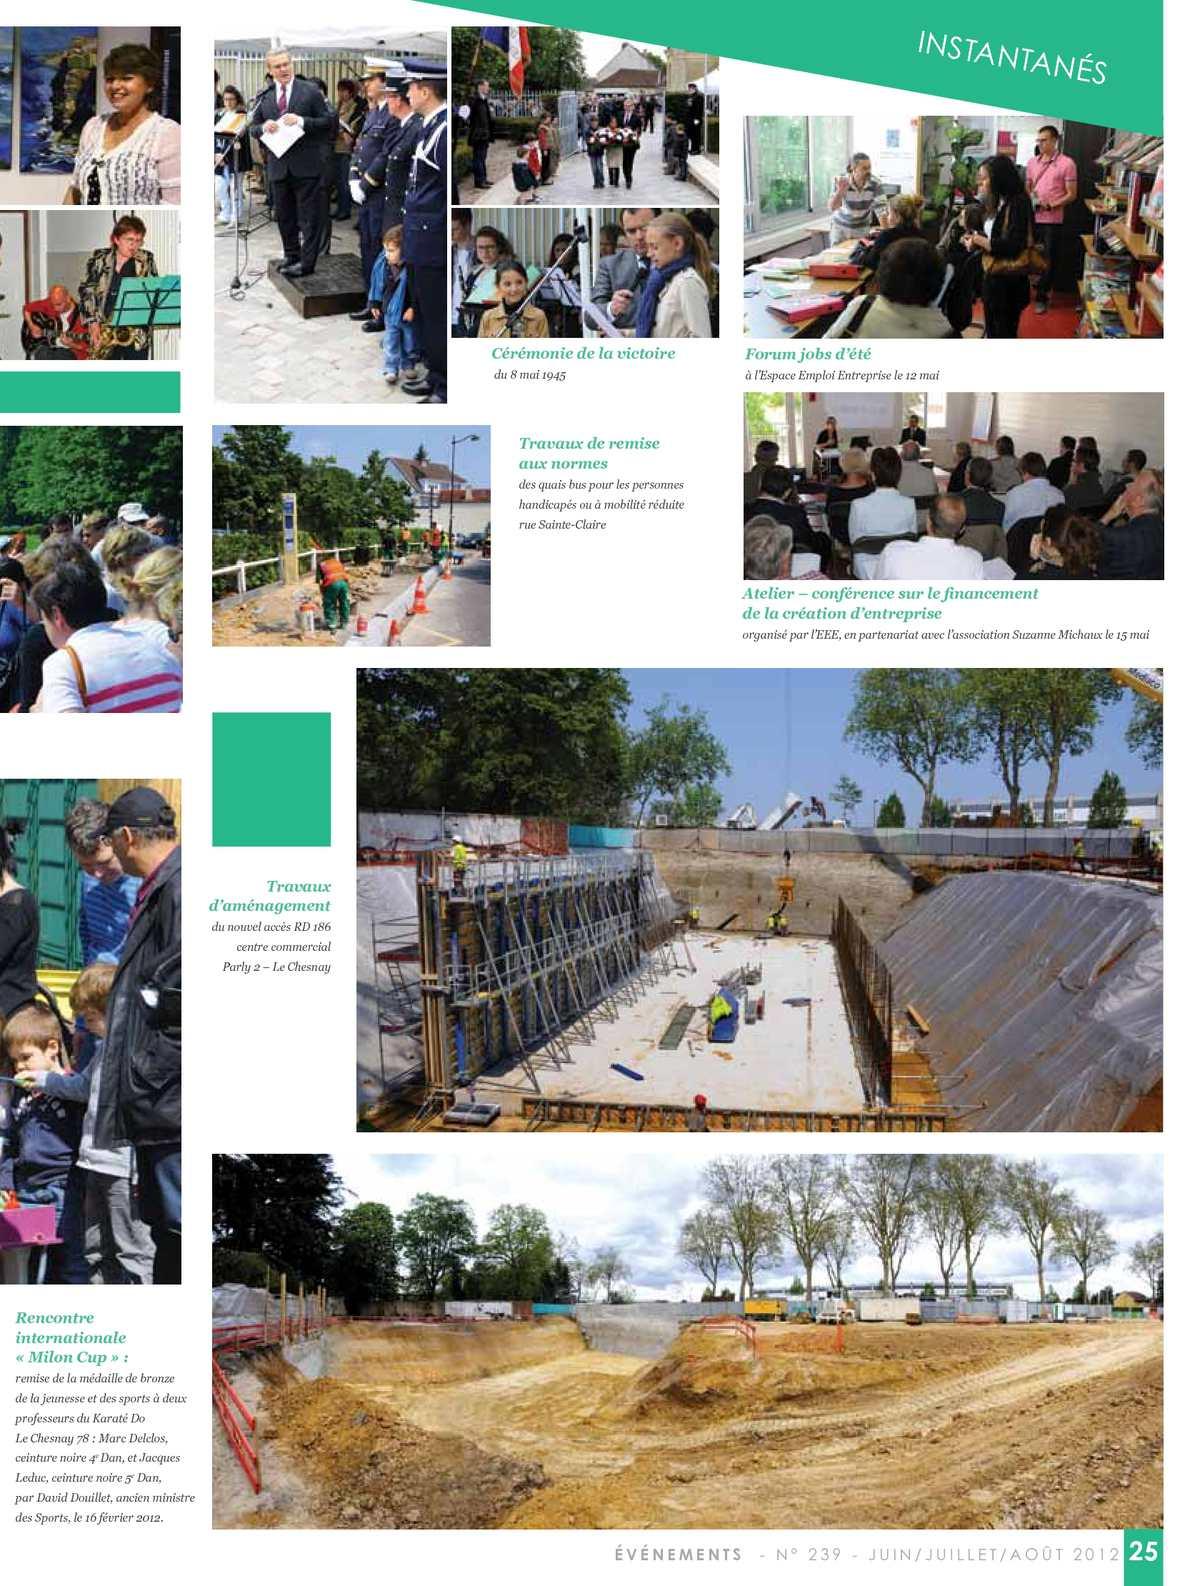 rencontres de la mobilité internationale 2012